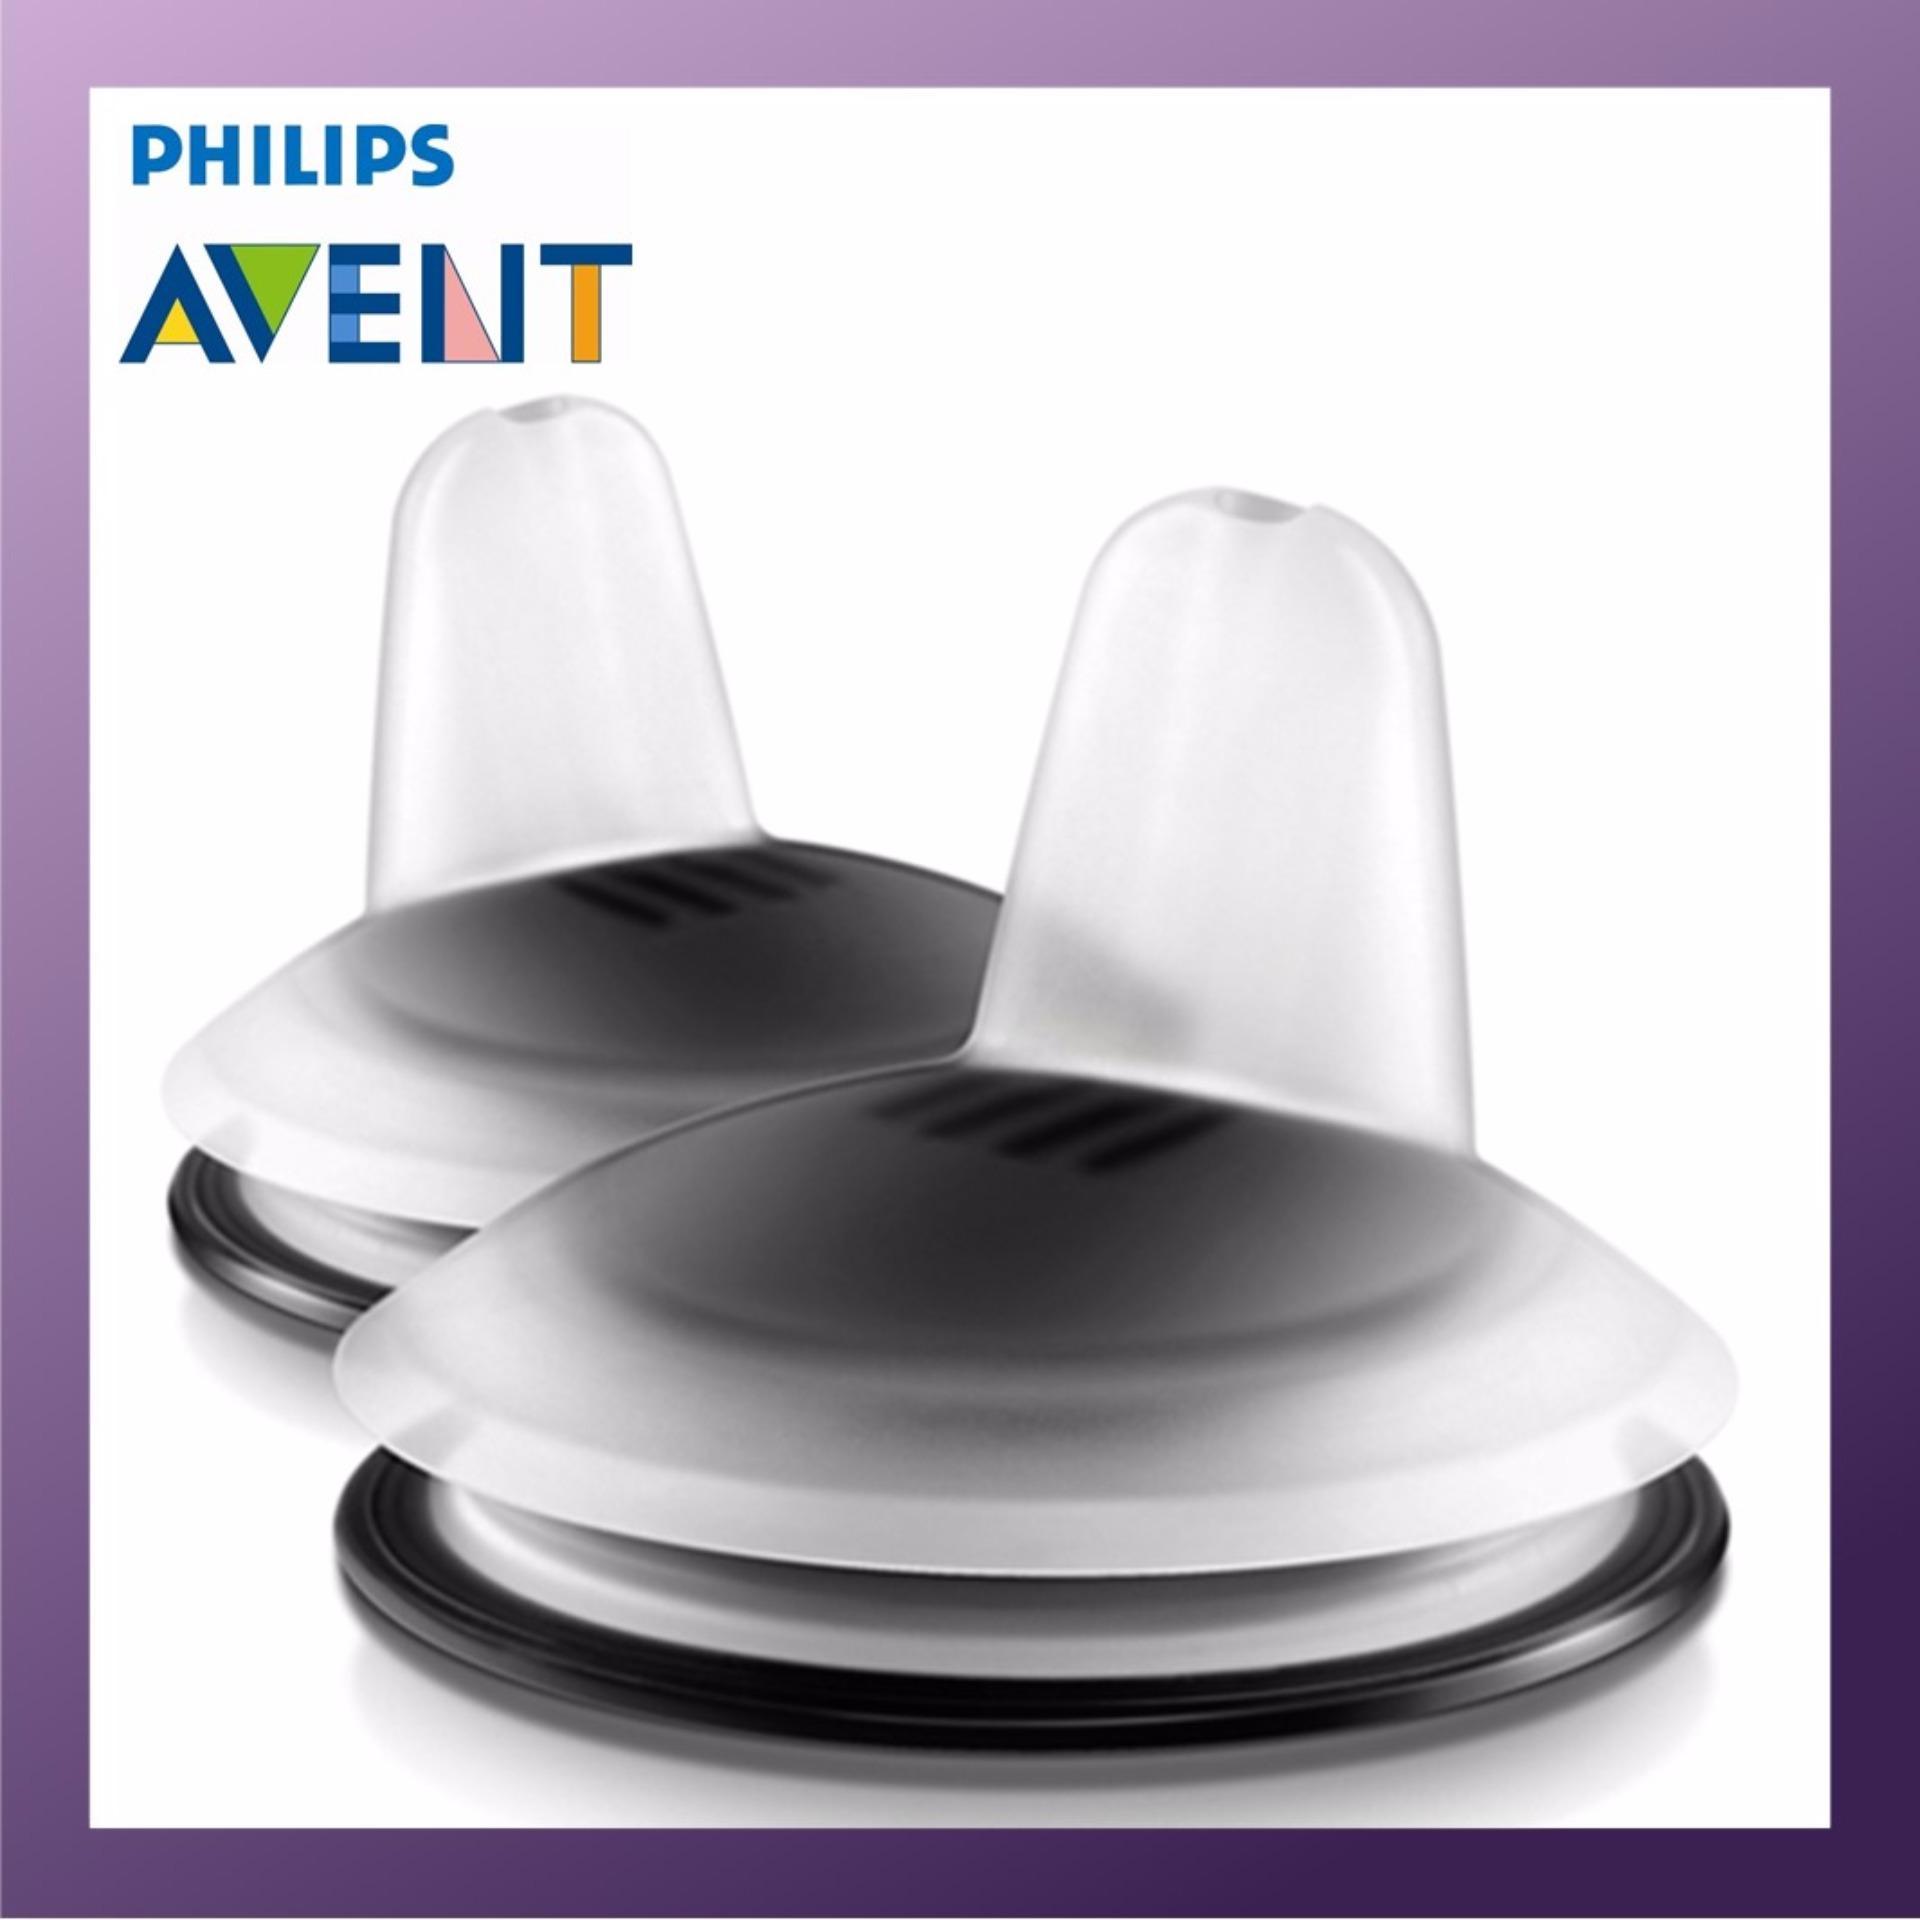 Philips Avent PREMIUM SPOUT REPLACEMENT 7oz (black)